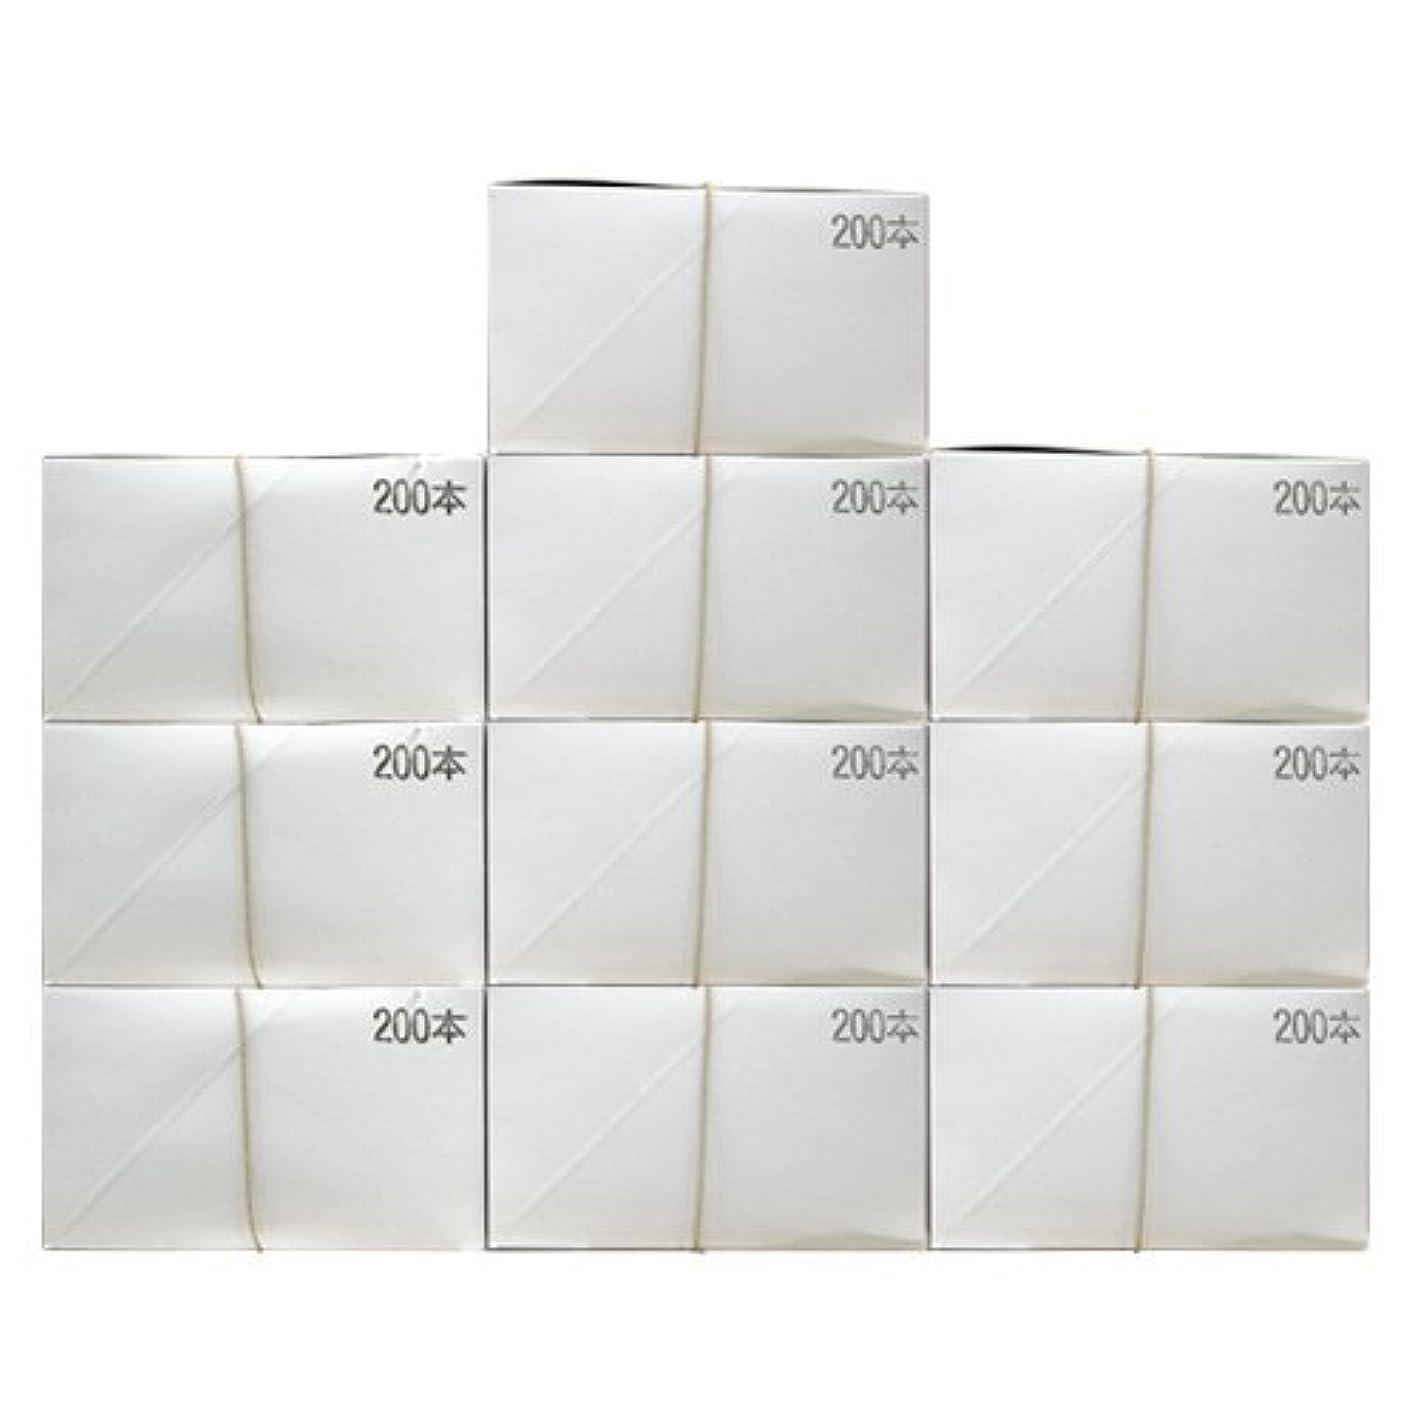 意識演劇顕現業務用 日本製 使い捨て粉付き歯ブラシ 個包装タイプ (2000本入)│ホテルアメニティ